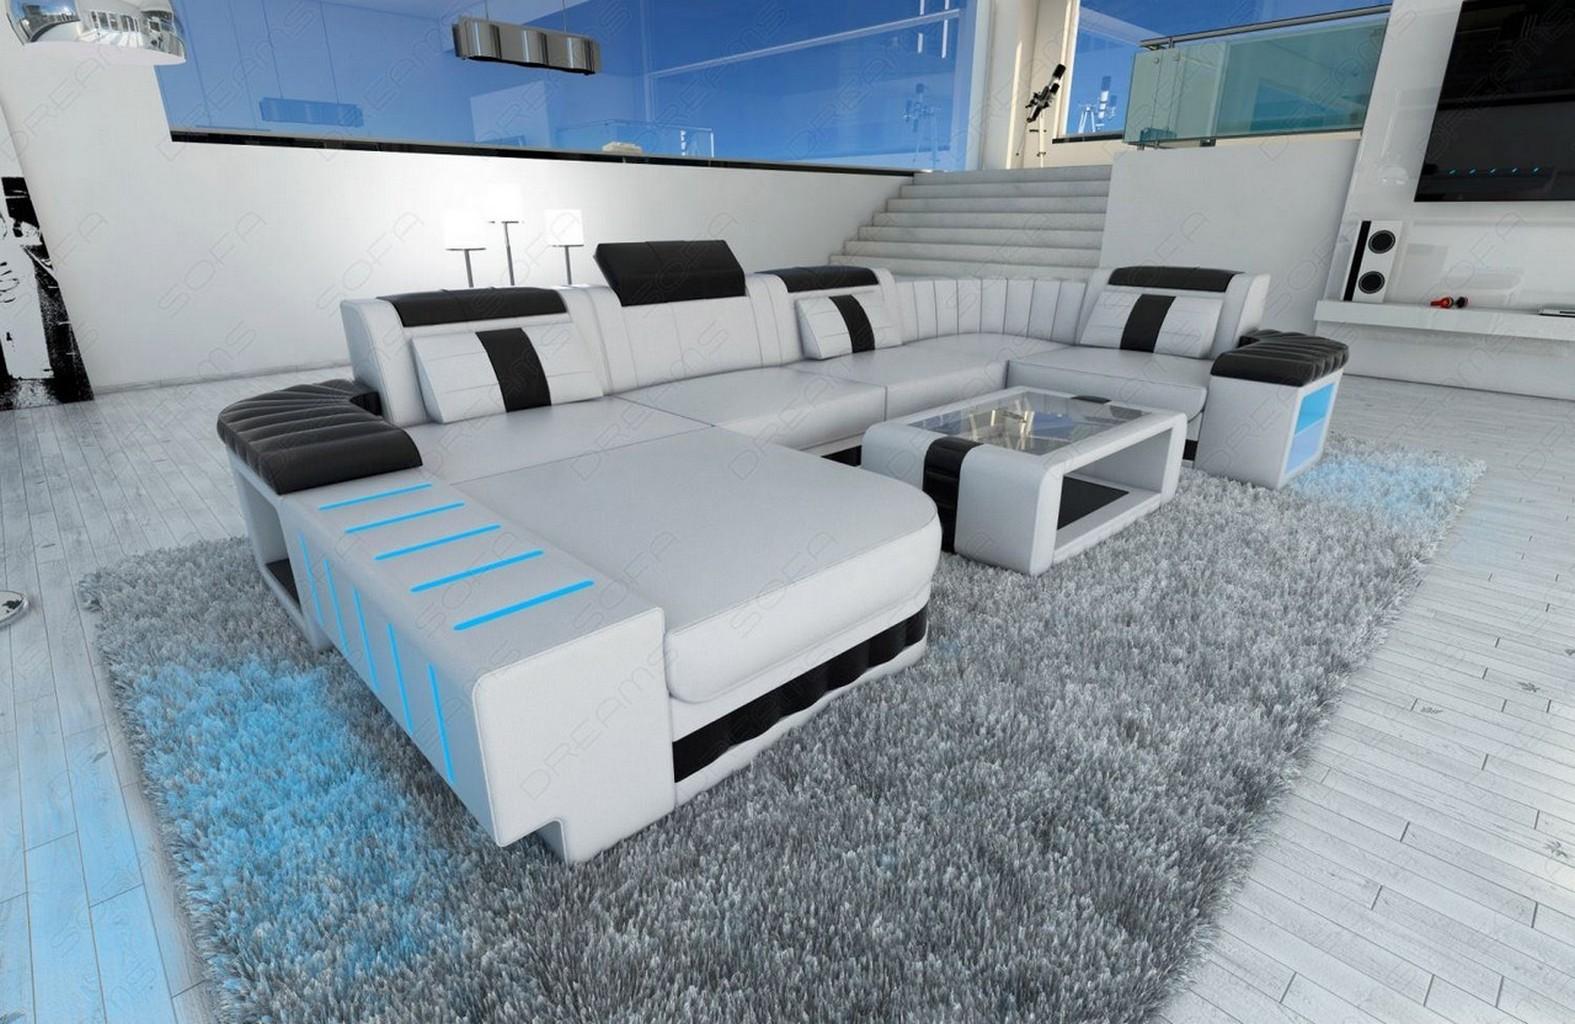 ledersofa couch bellagio u form mit ottomane und led beleuchtung weiss schwarz ebay. Black Bedroom Furniture Sets. Home Design Ideas